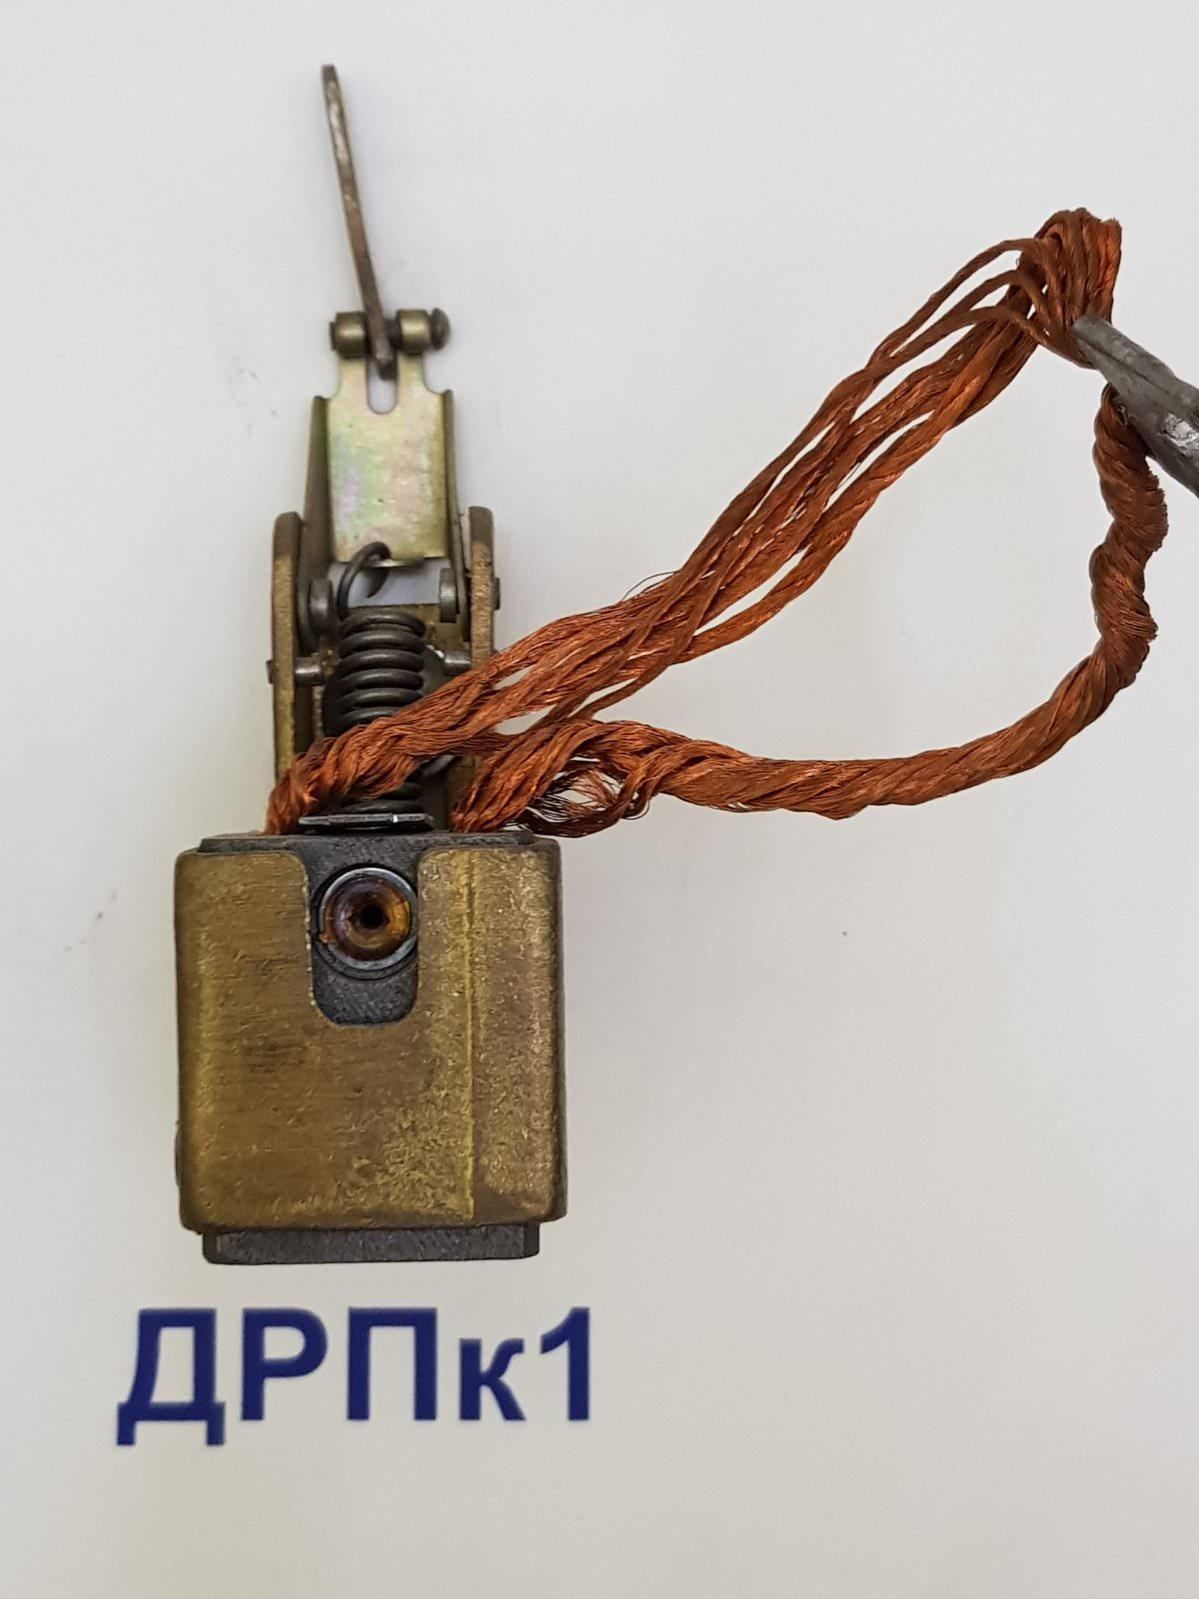 Щеткодержатель ДРПк1